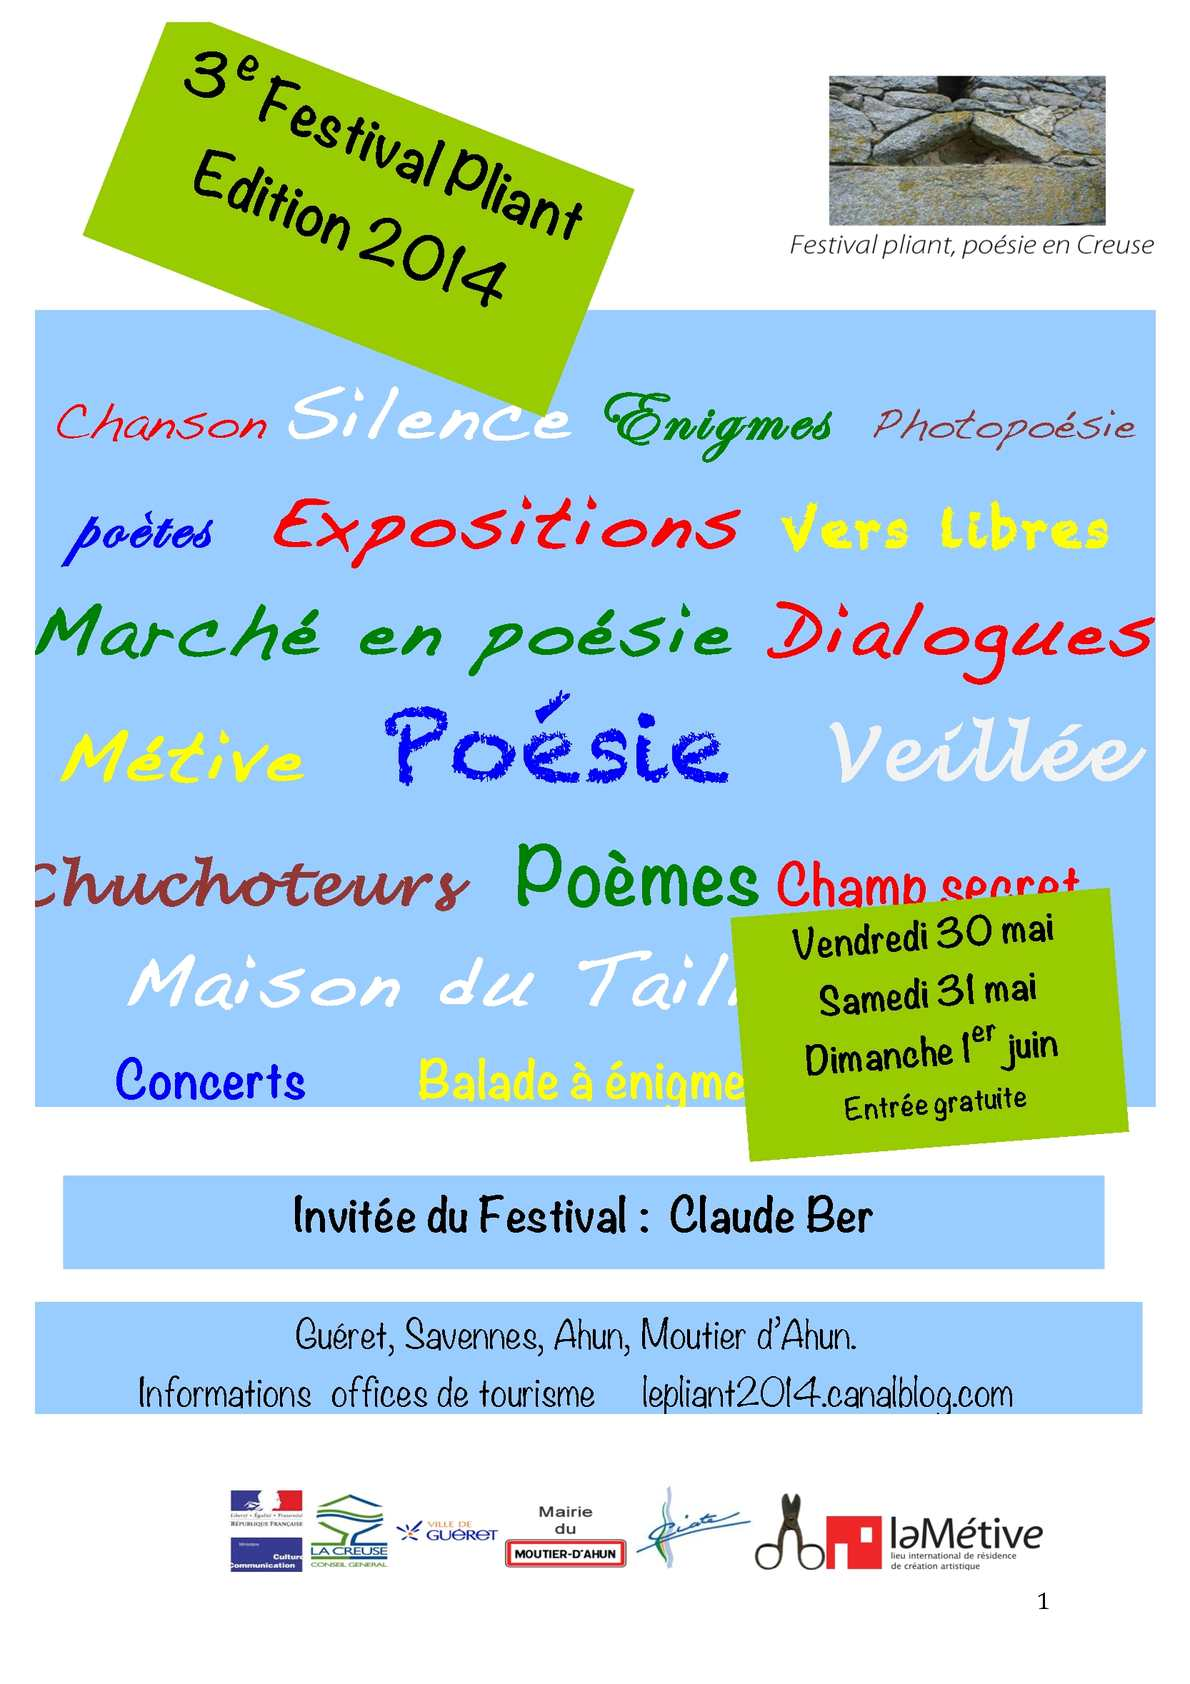 Calaméo Présentation Du Festival Pliant édition 2014